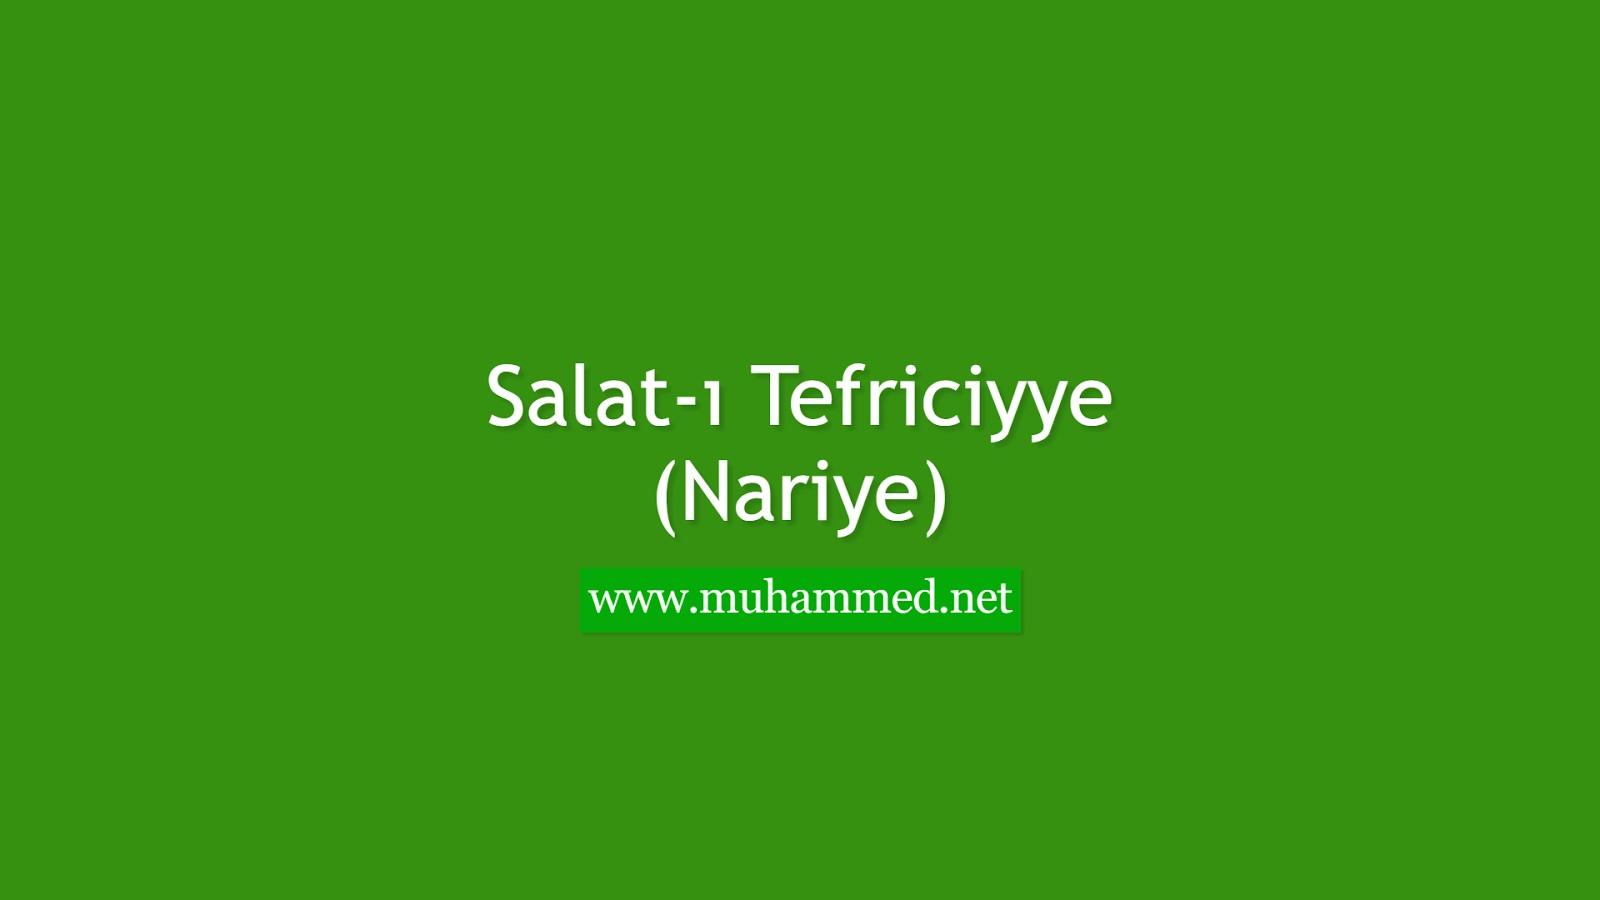 Salat-ı Tefriciyye (Nariye)